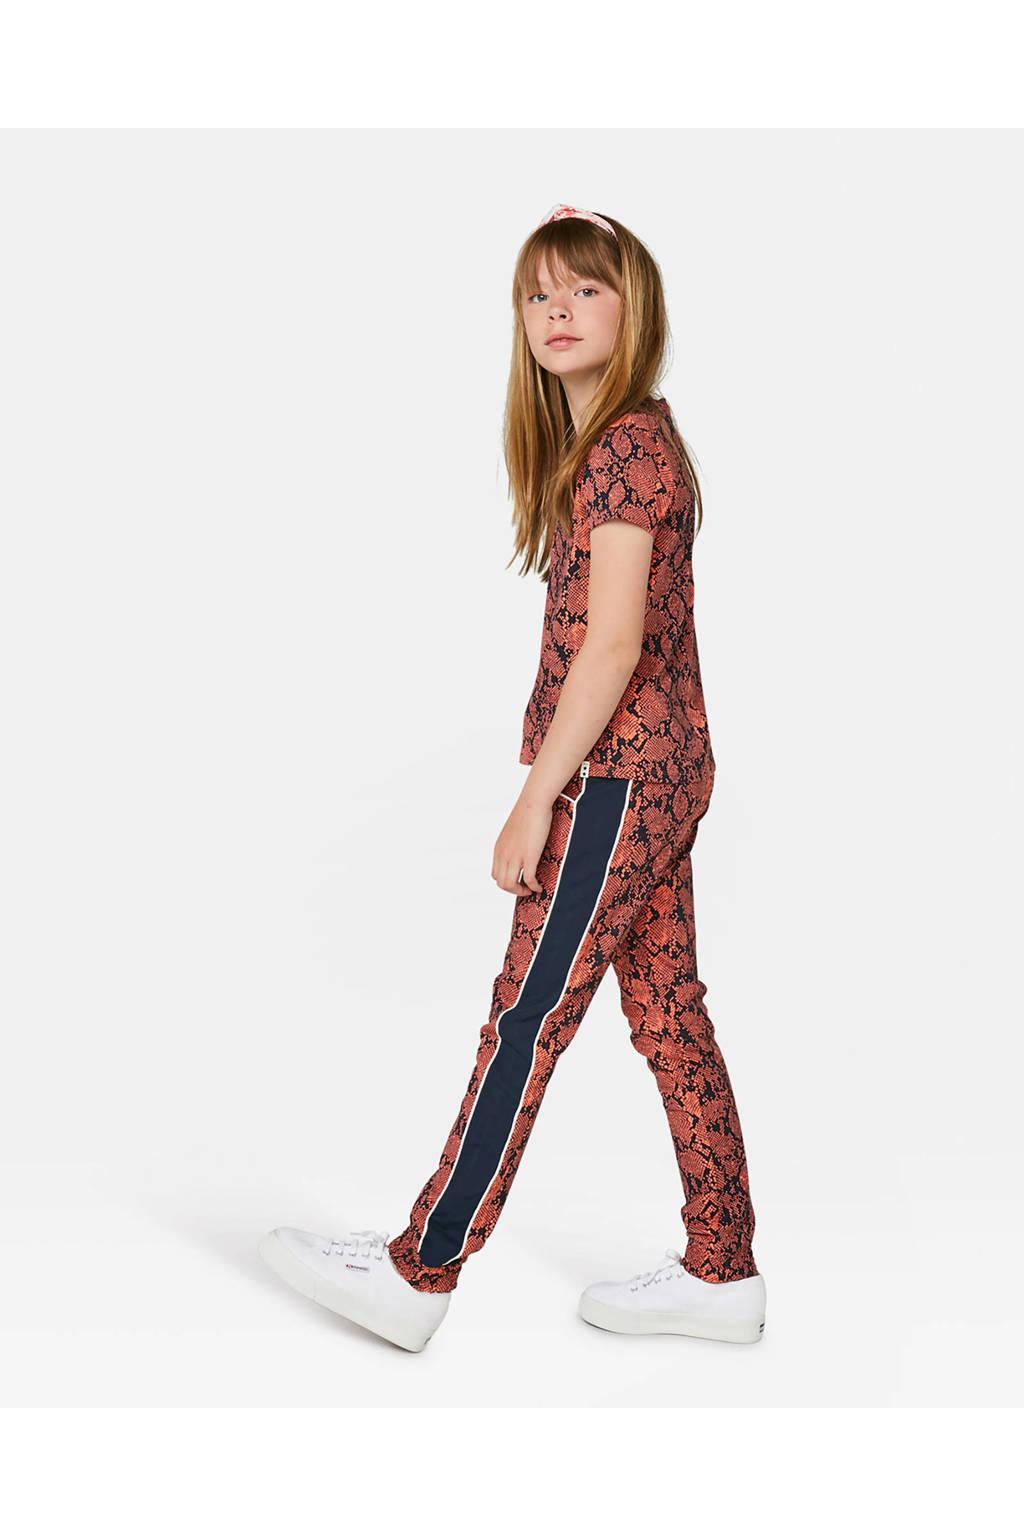 WE Fashion broek met zijstreep oranje/zwart, Oranje/zwart